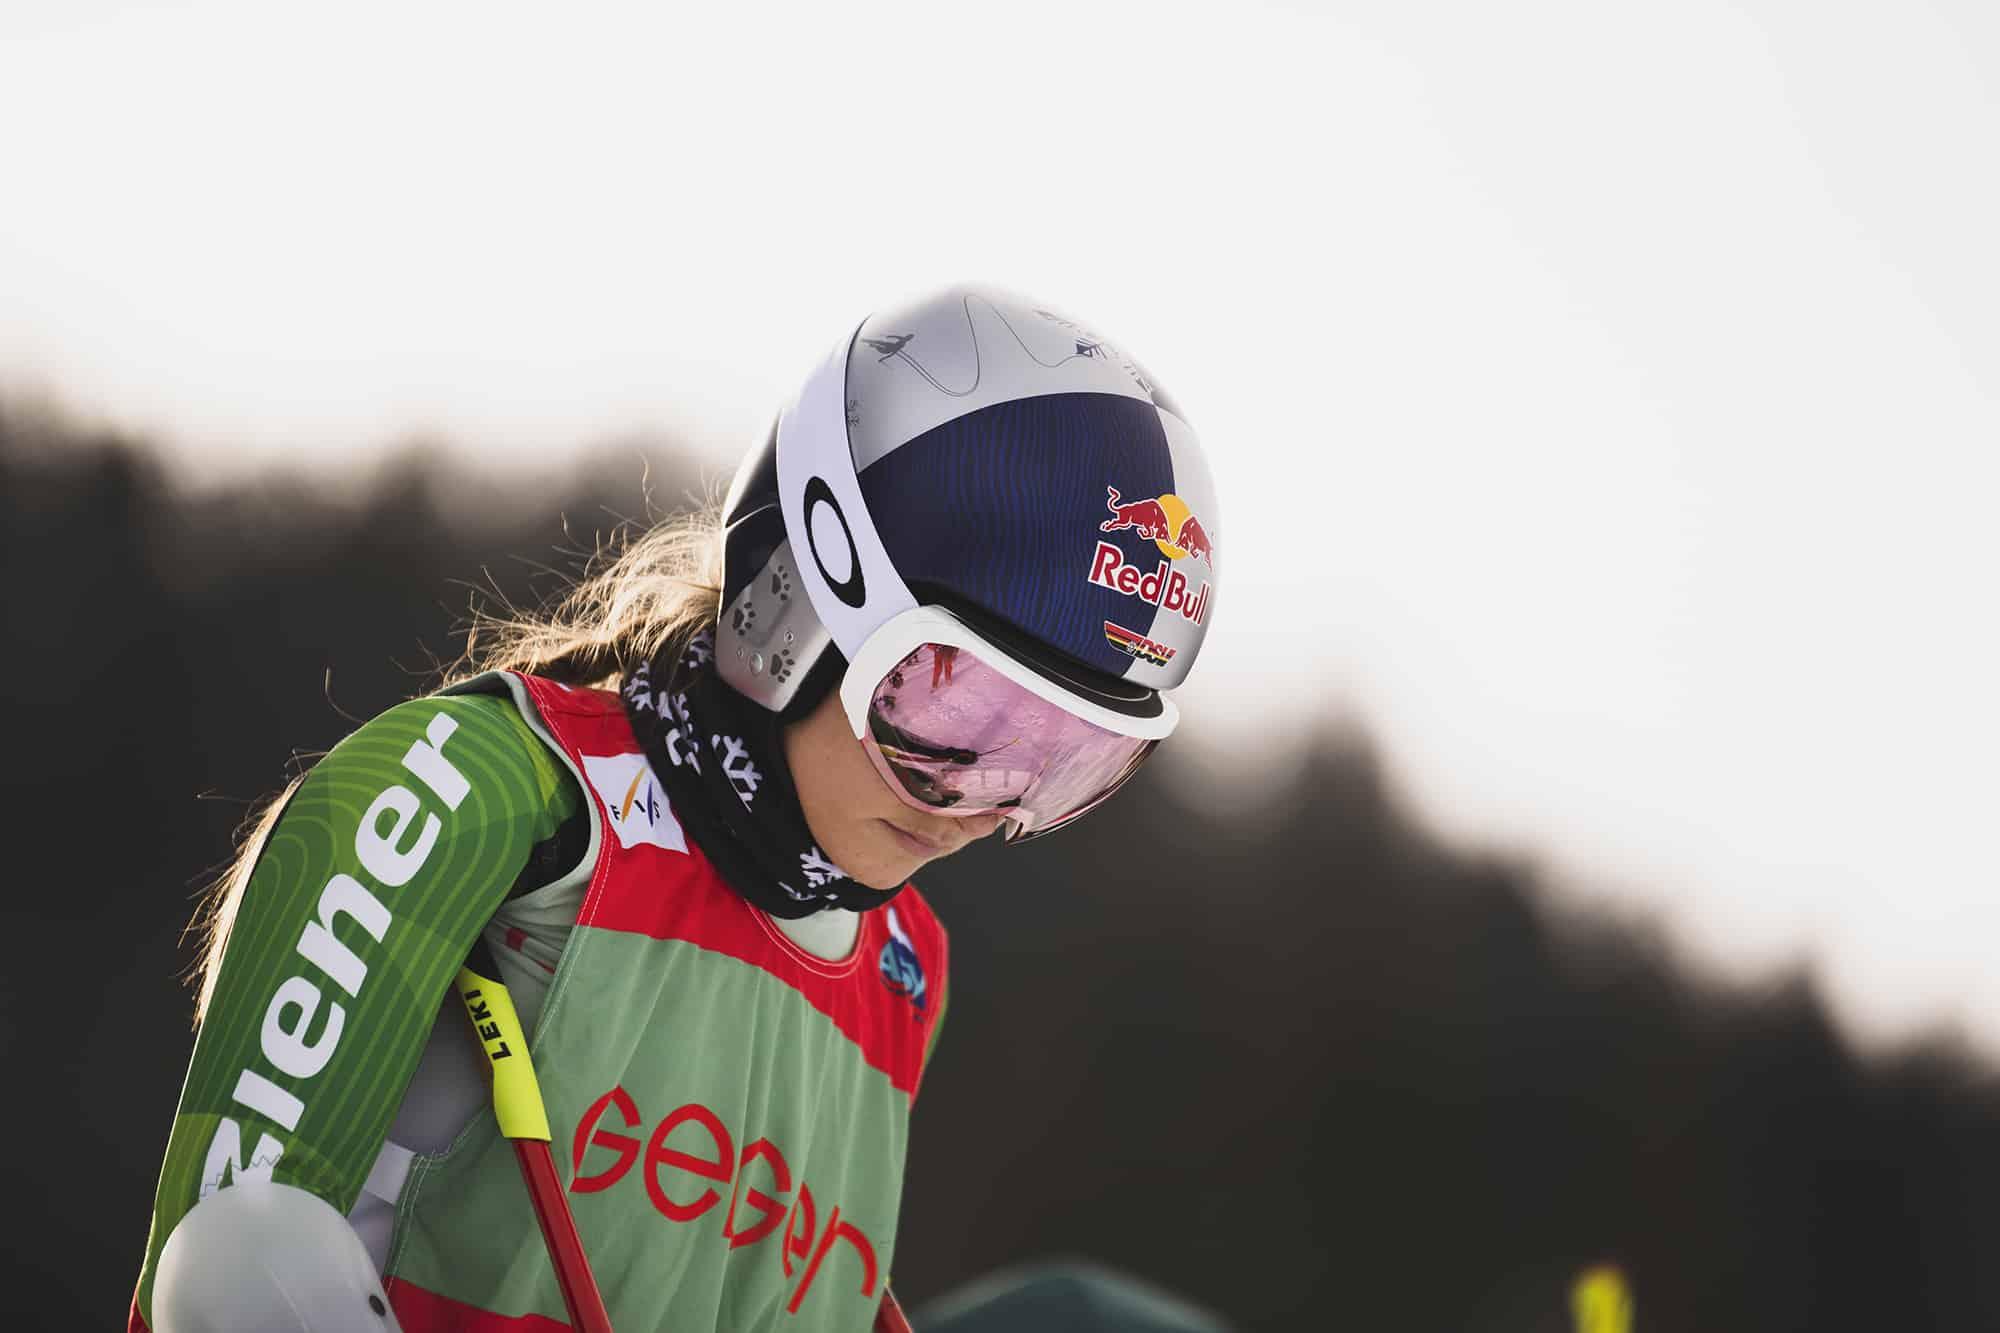 Johanna Holzmann voll fokussiert beim Aufwärmen für den Weltcup am Oberjoch